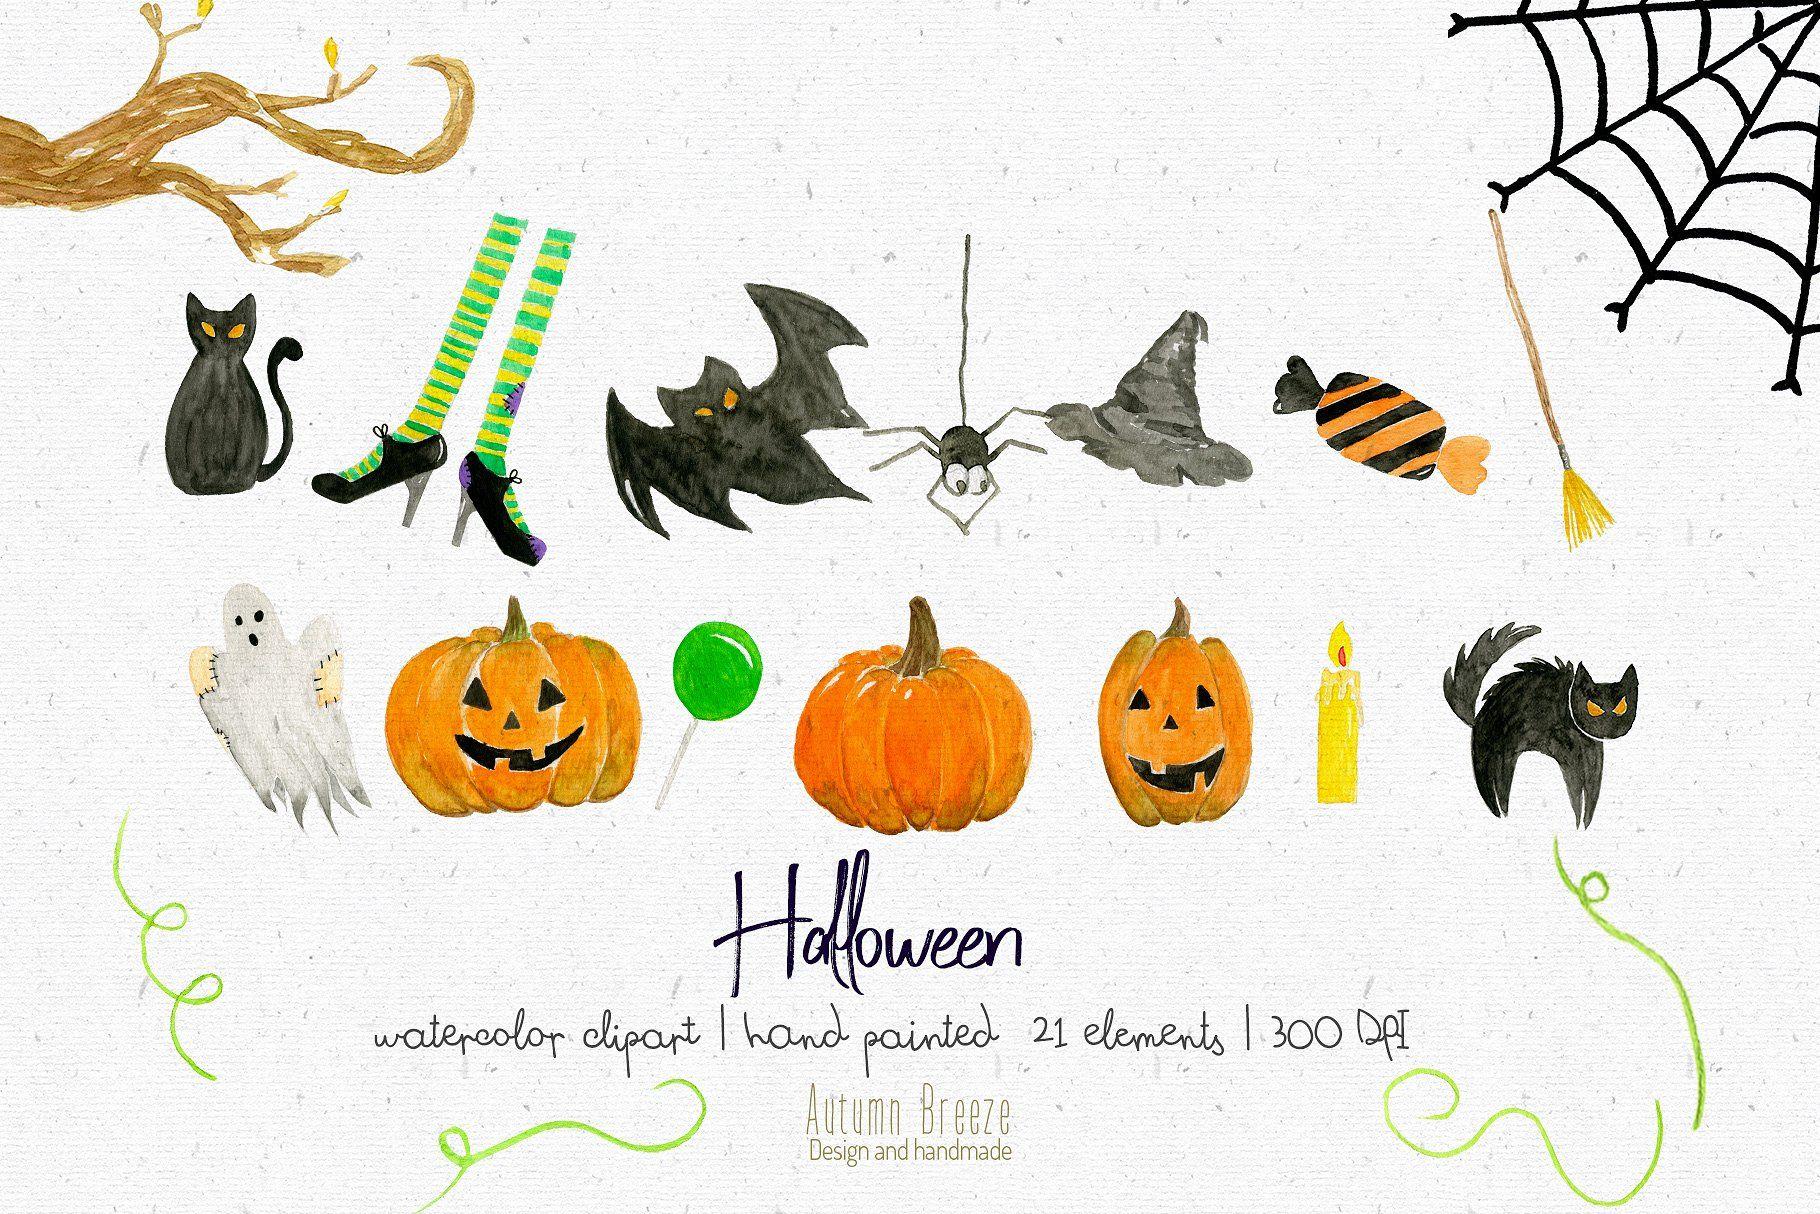 Halloween clipart autumn.